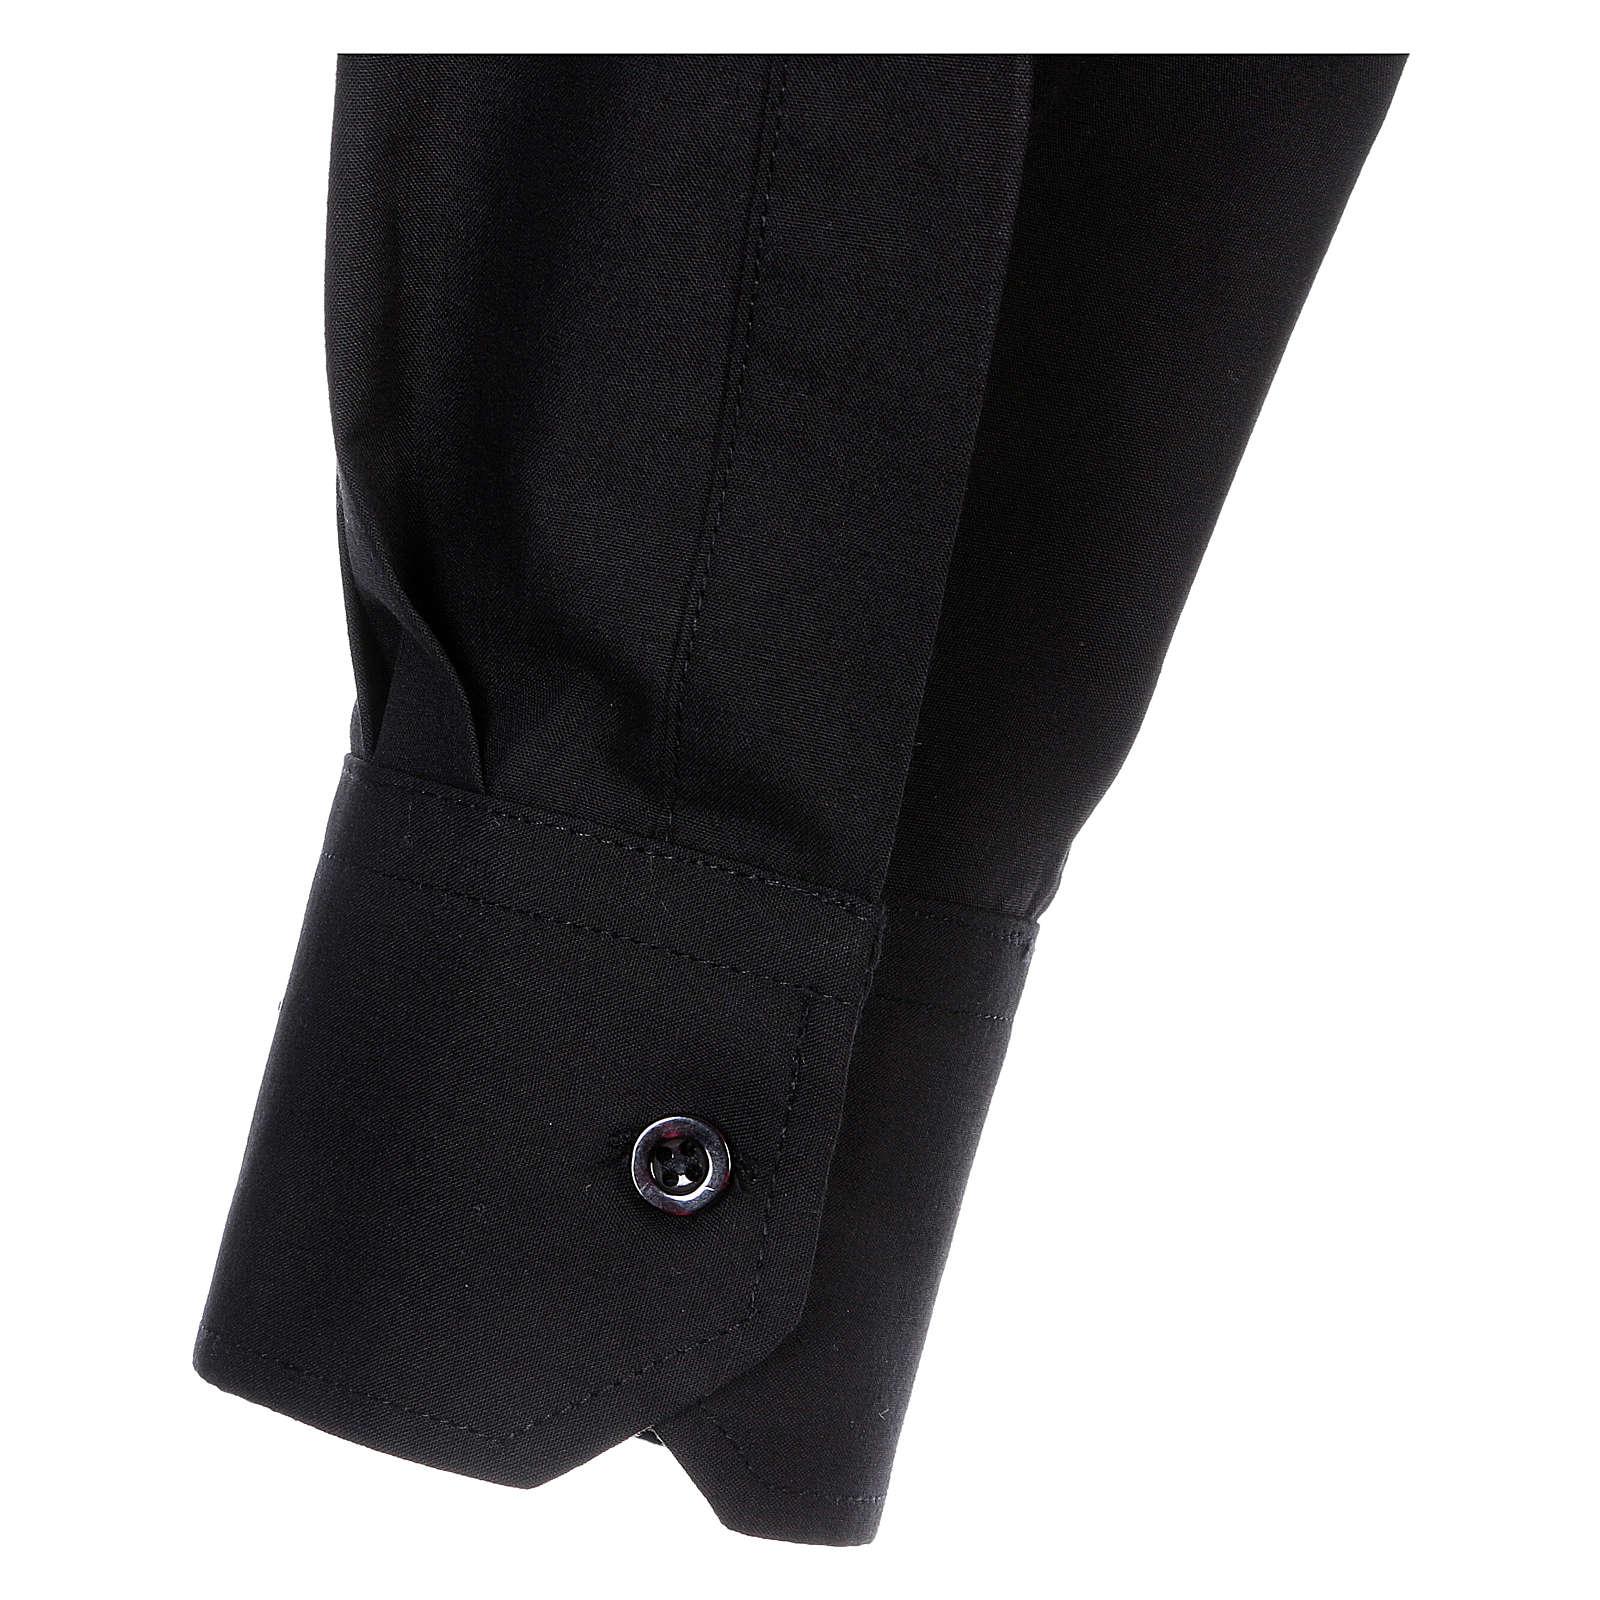 Camisa Clergyman manga longa misto algodão preto 4